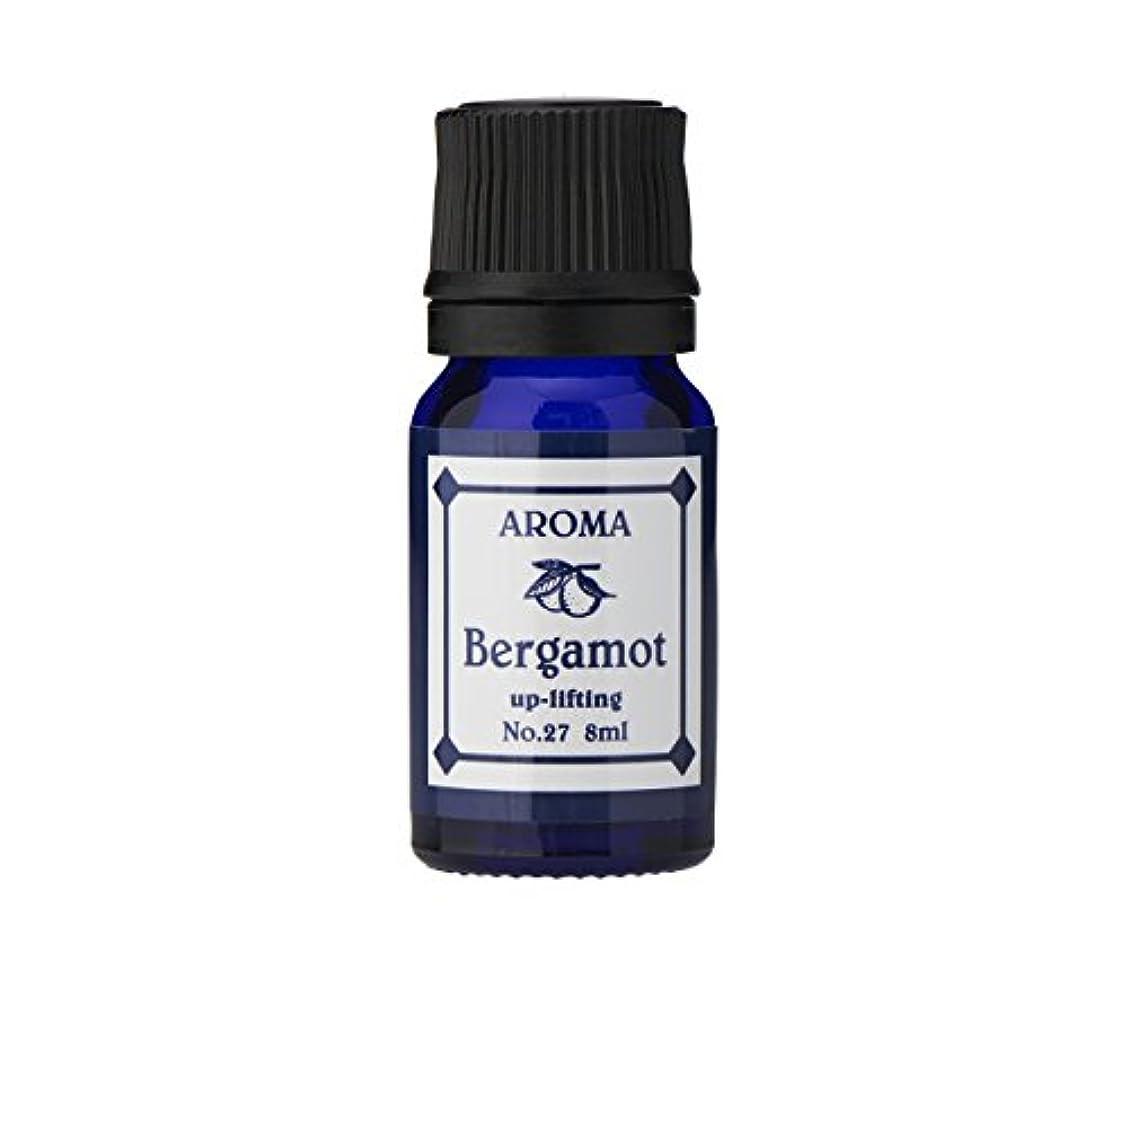 結婚植物の怒りブルーラベル アロマエッセンス8ml ベルガモット(アロマオイル 調合香料 芳香用)